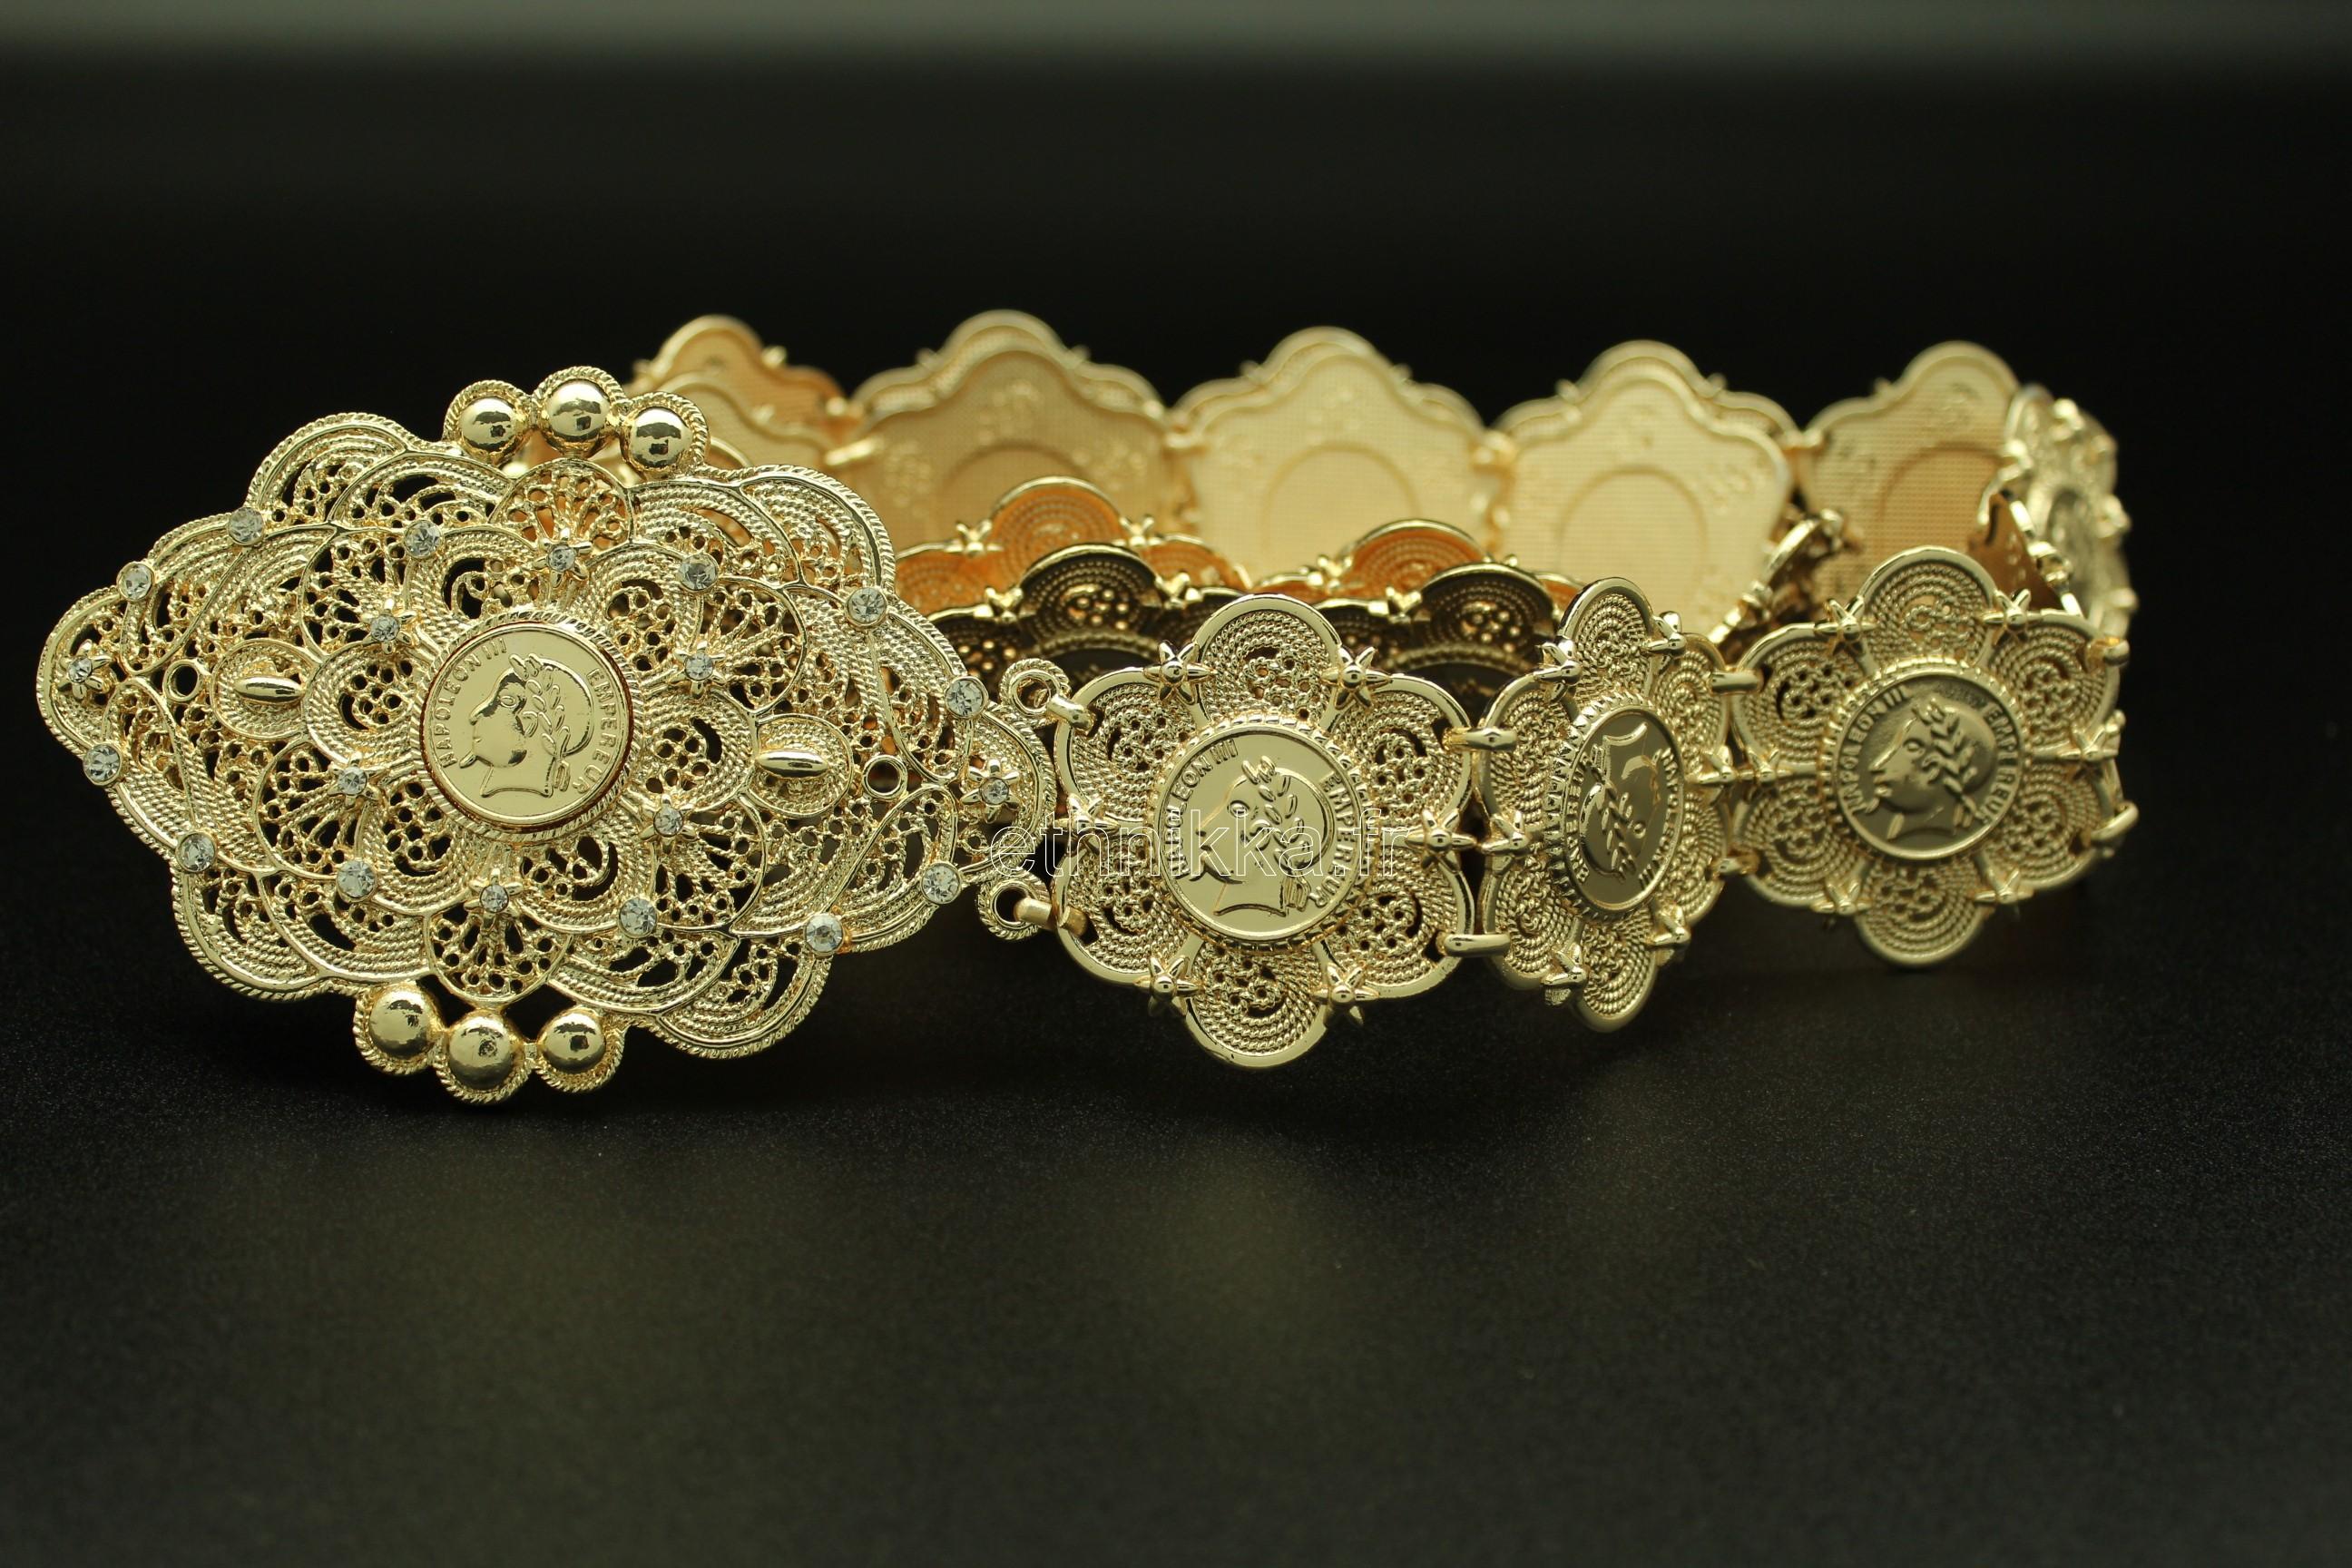 acheter maintenant meilleur authentique date de sortie: Acheter Bijou oriental ceinture Napoléon plaqué or